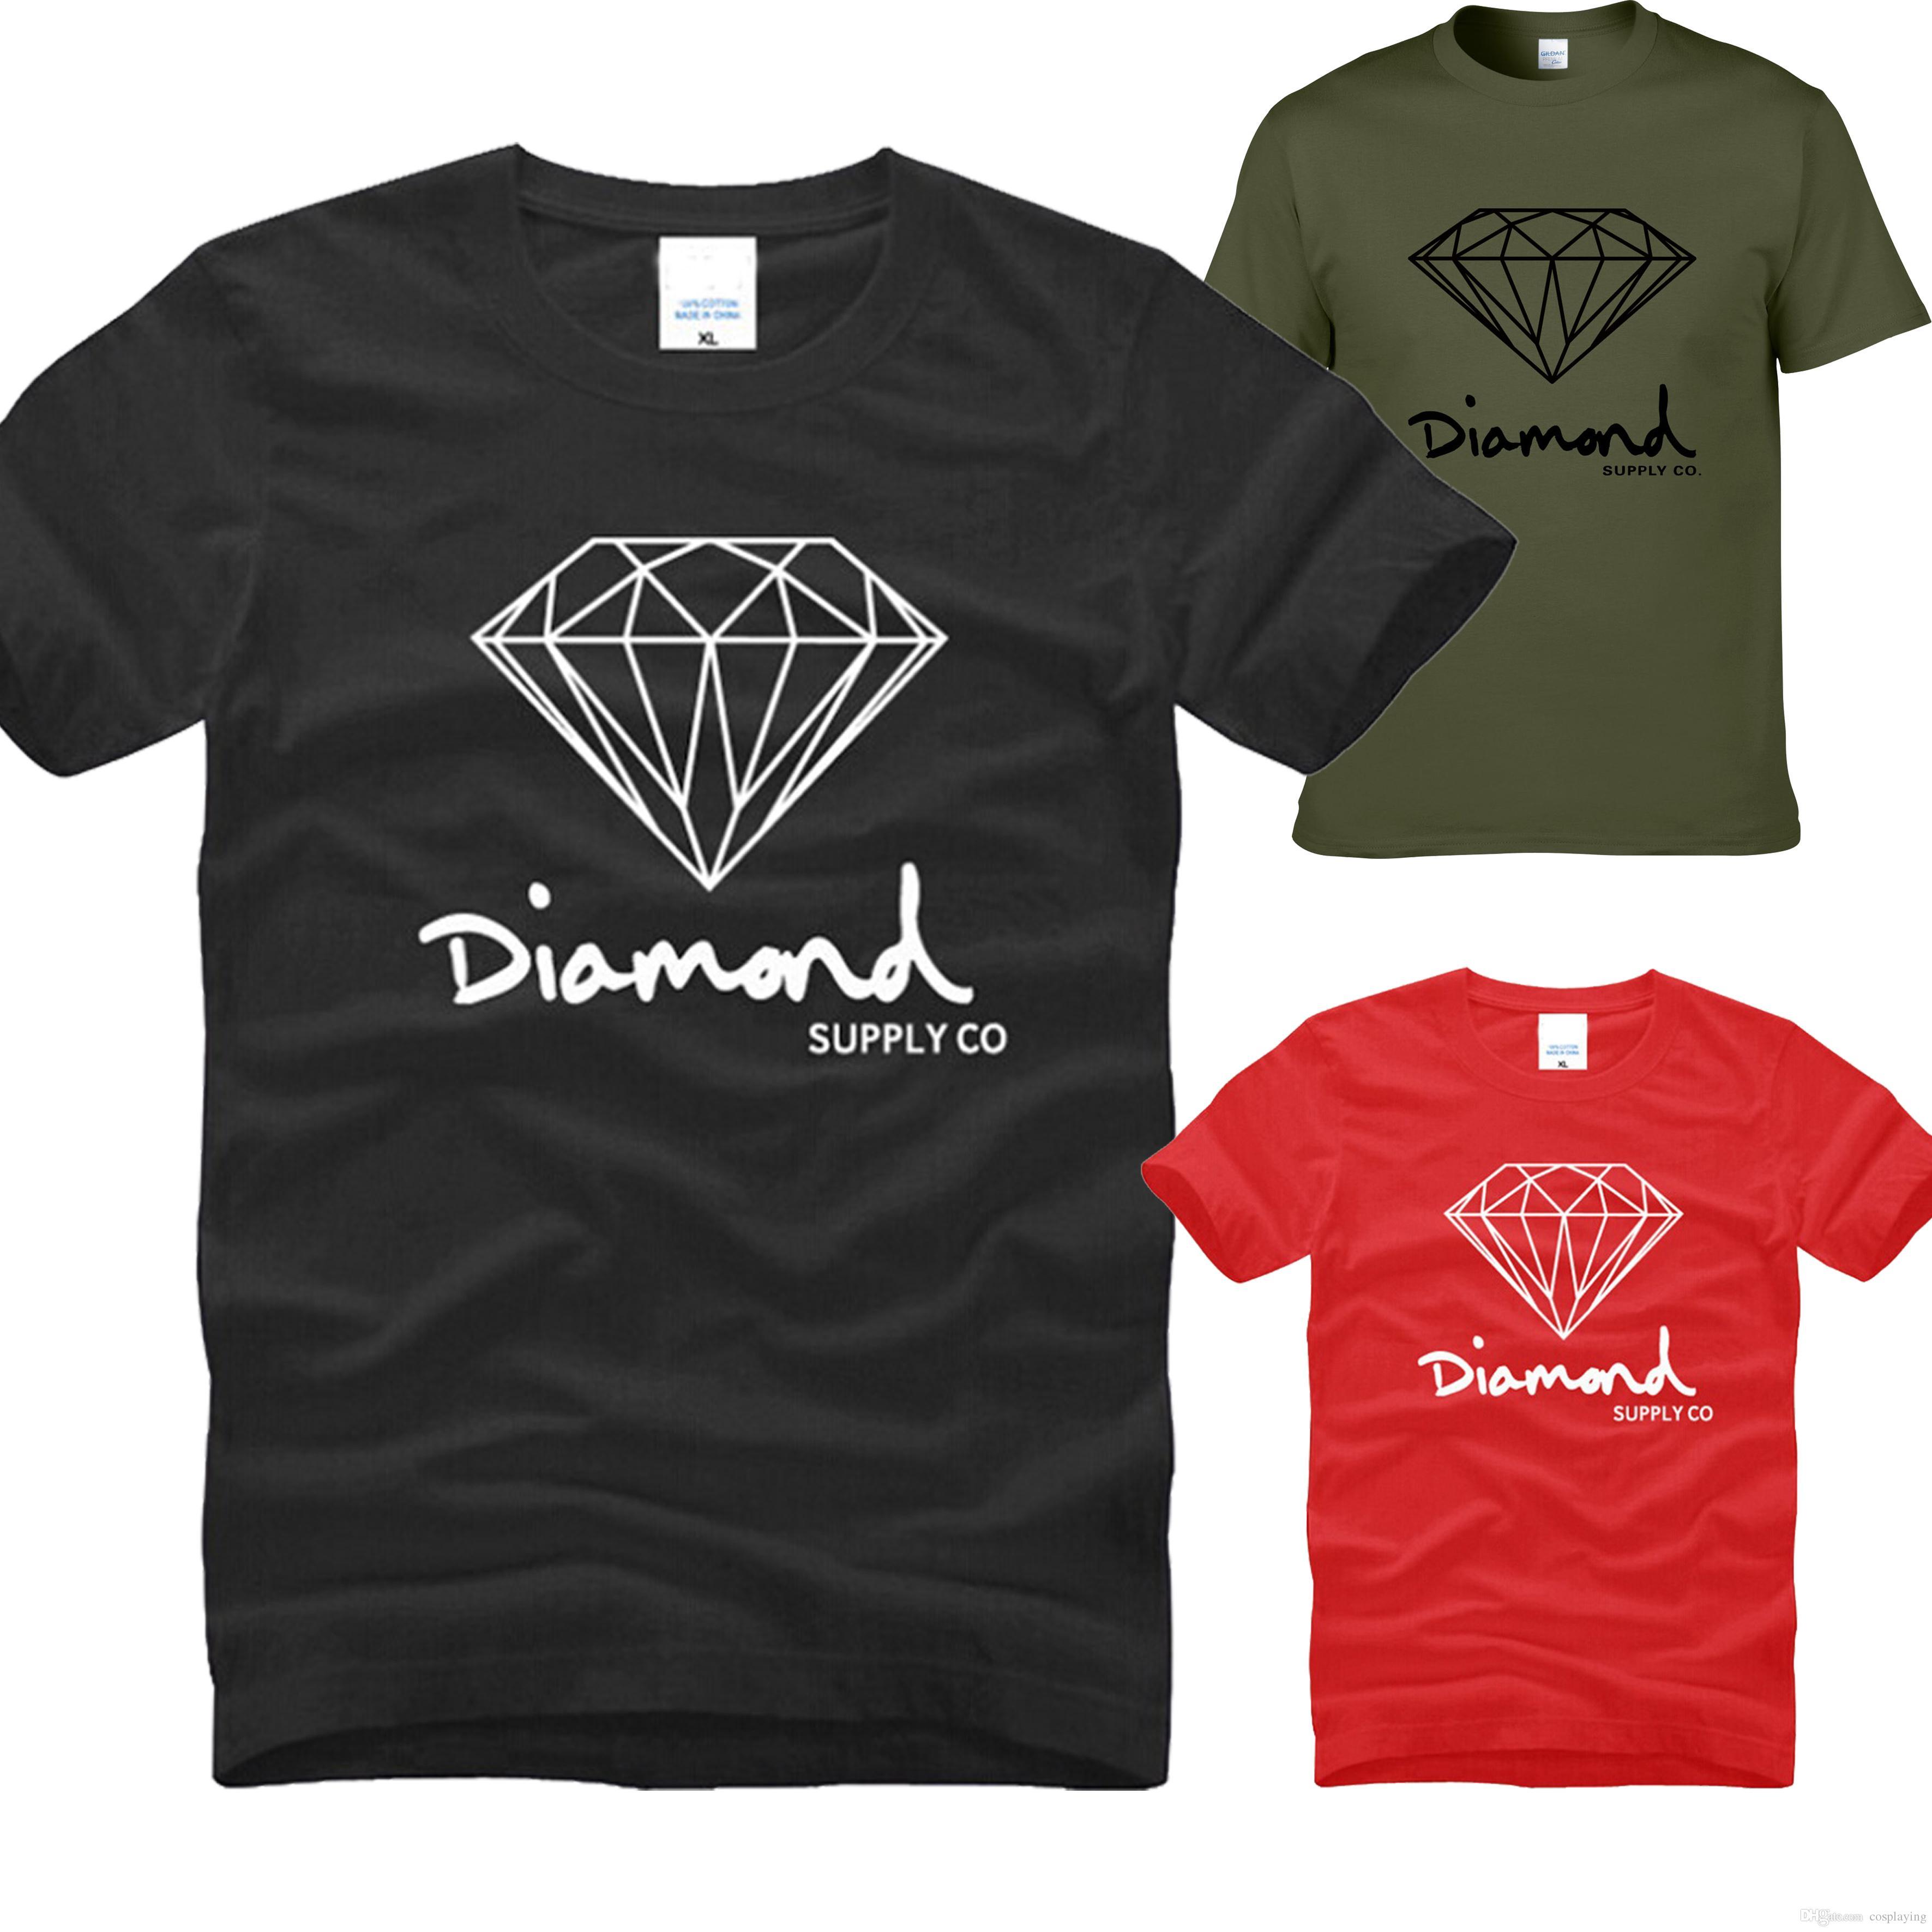 dd124b80bdeaa Compre Fornecimento De Diamante Co Impresso T Shirt Dos Homens Marca De  Moda Roupas De Design MAle South Coast Harajuku Skate Hip Hop Sportswear  Manga Curta ...